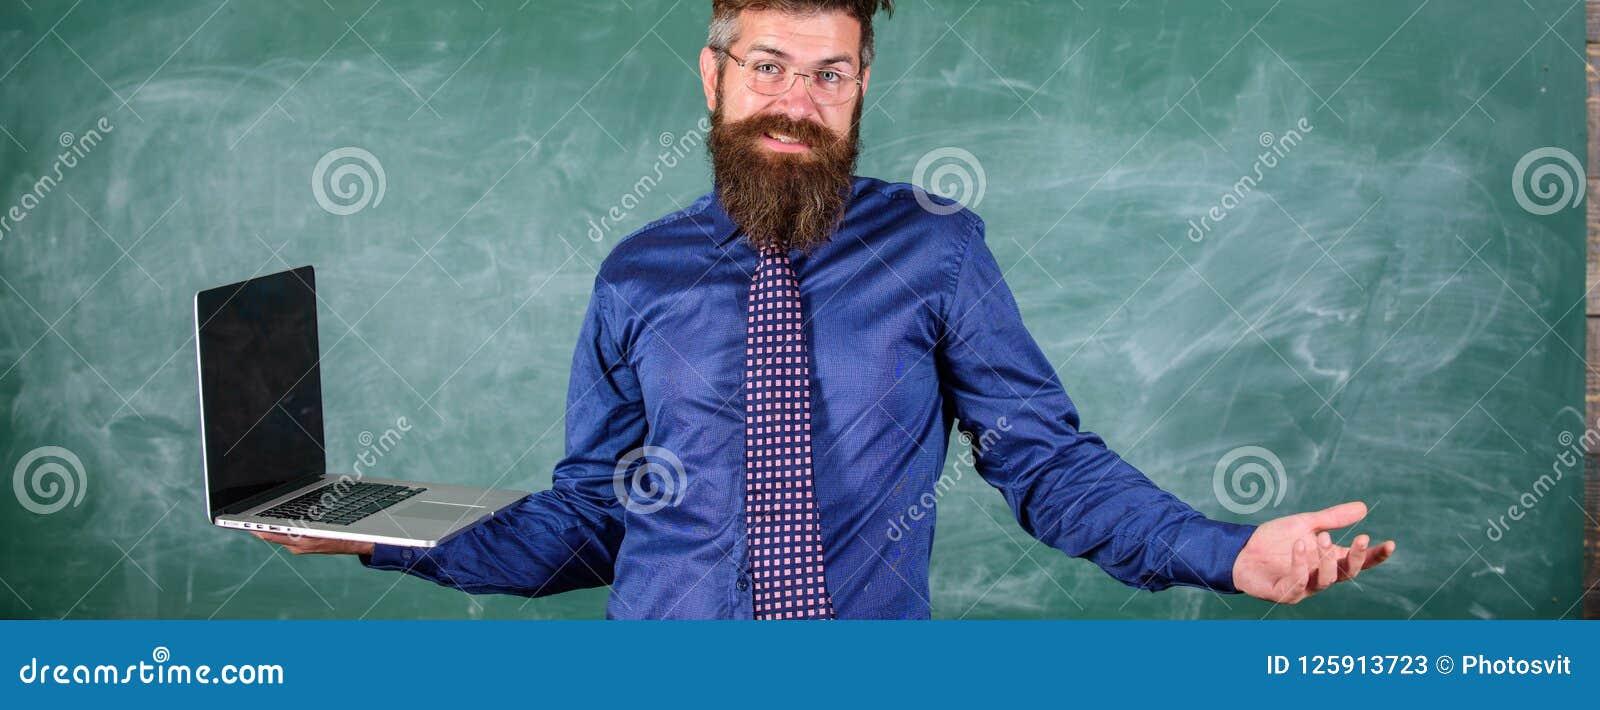 使用现代技术的教的问题 行家老师被混淆的表示拿着膝上型计算机 远程教育问题